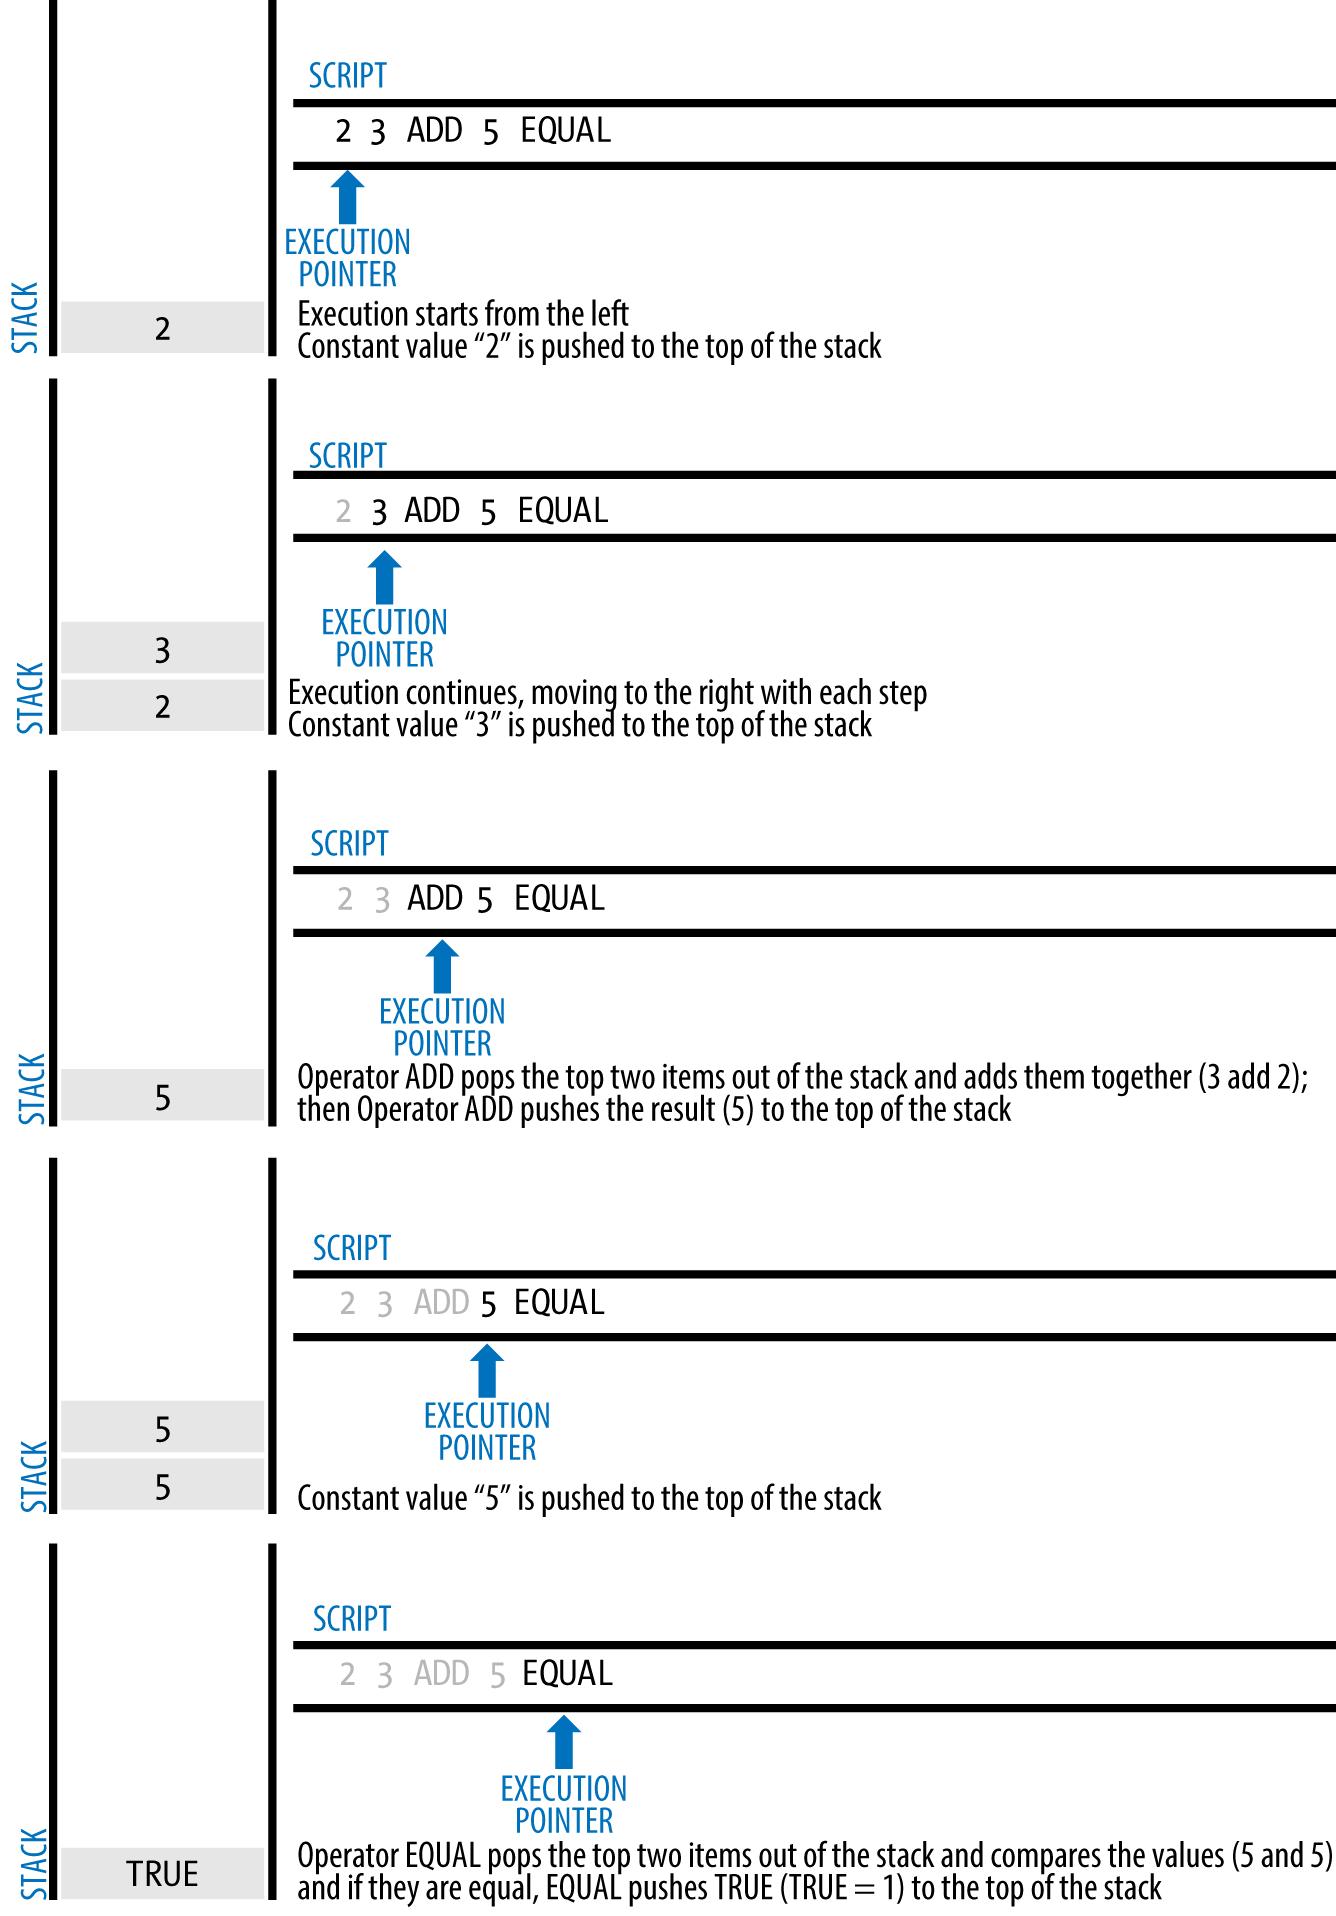 图6-4比特币的脚本验证中,执行简单的数学运算